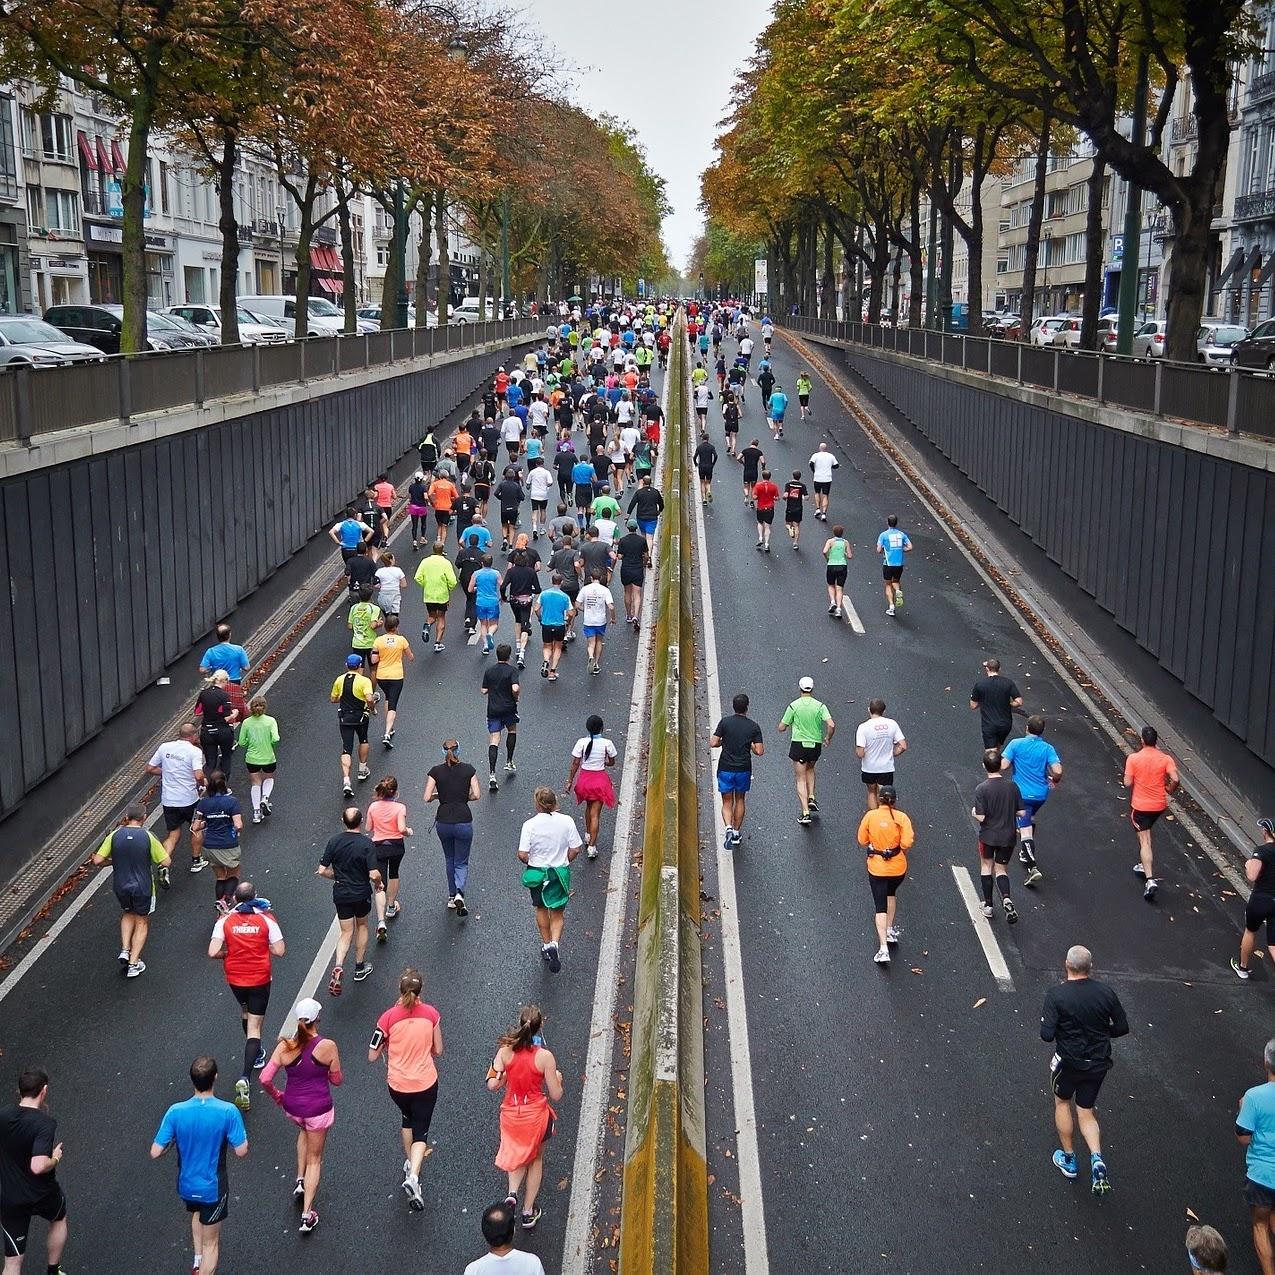 體能最好的跑者,不見得跑最快